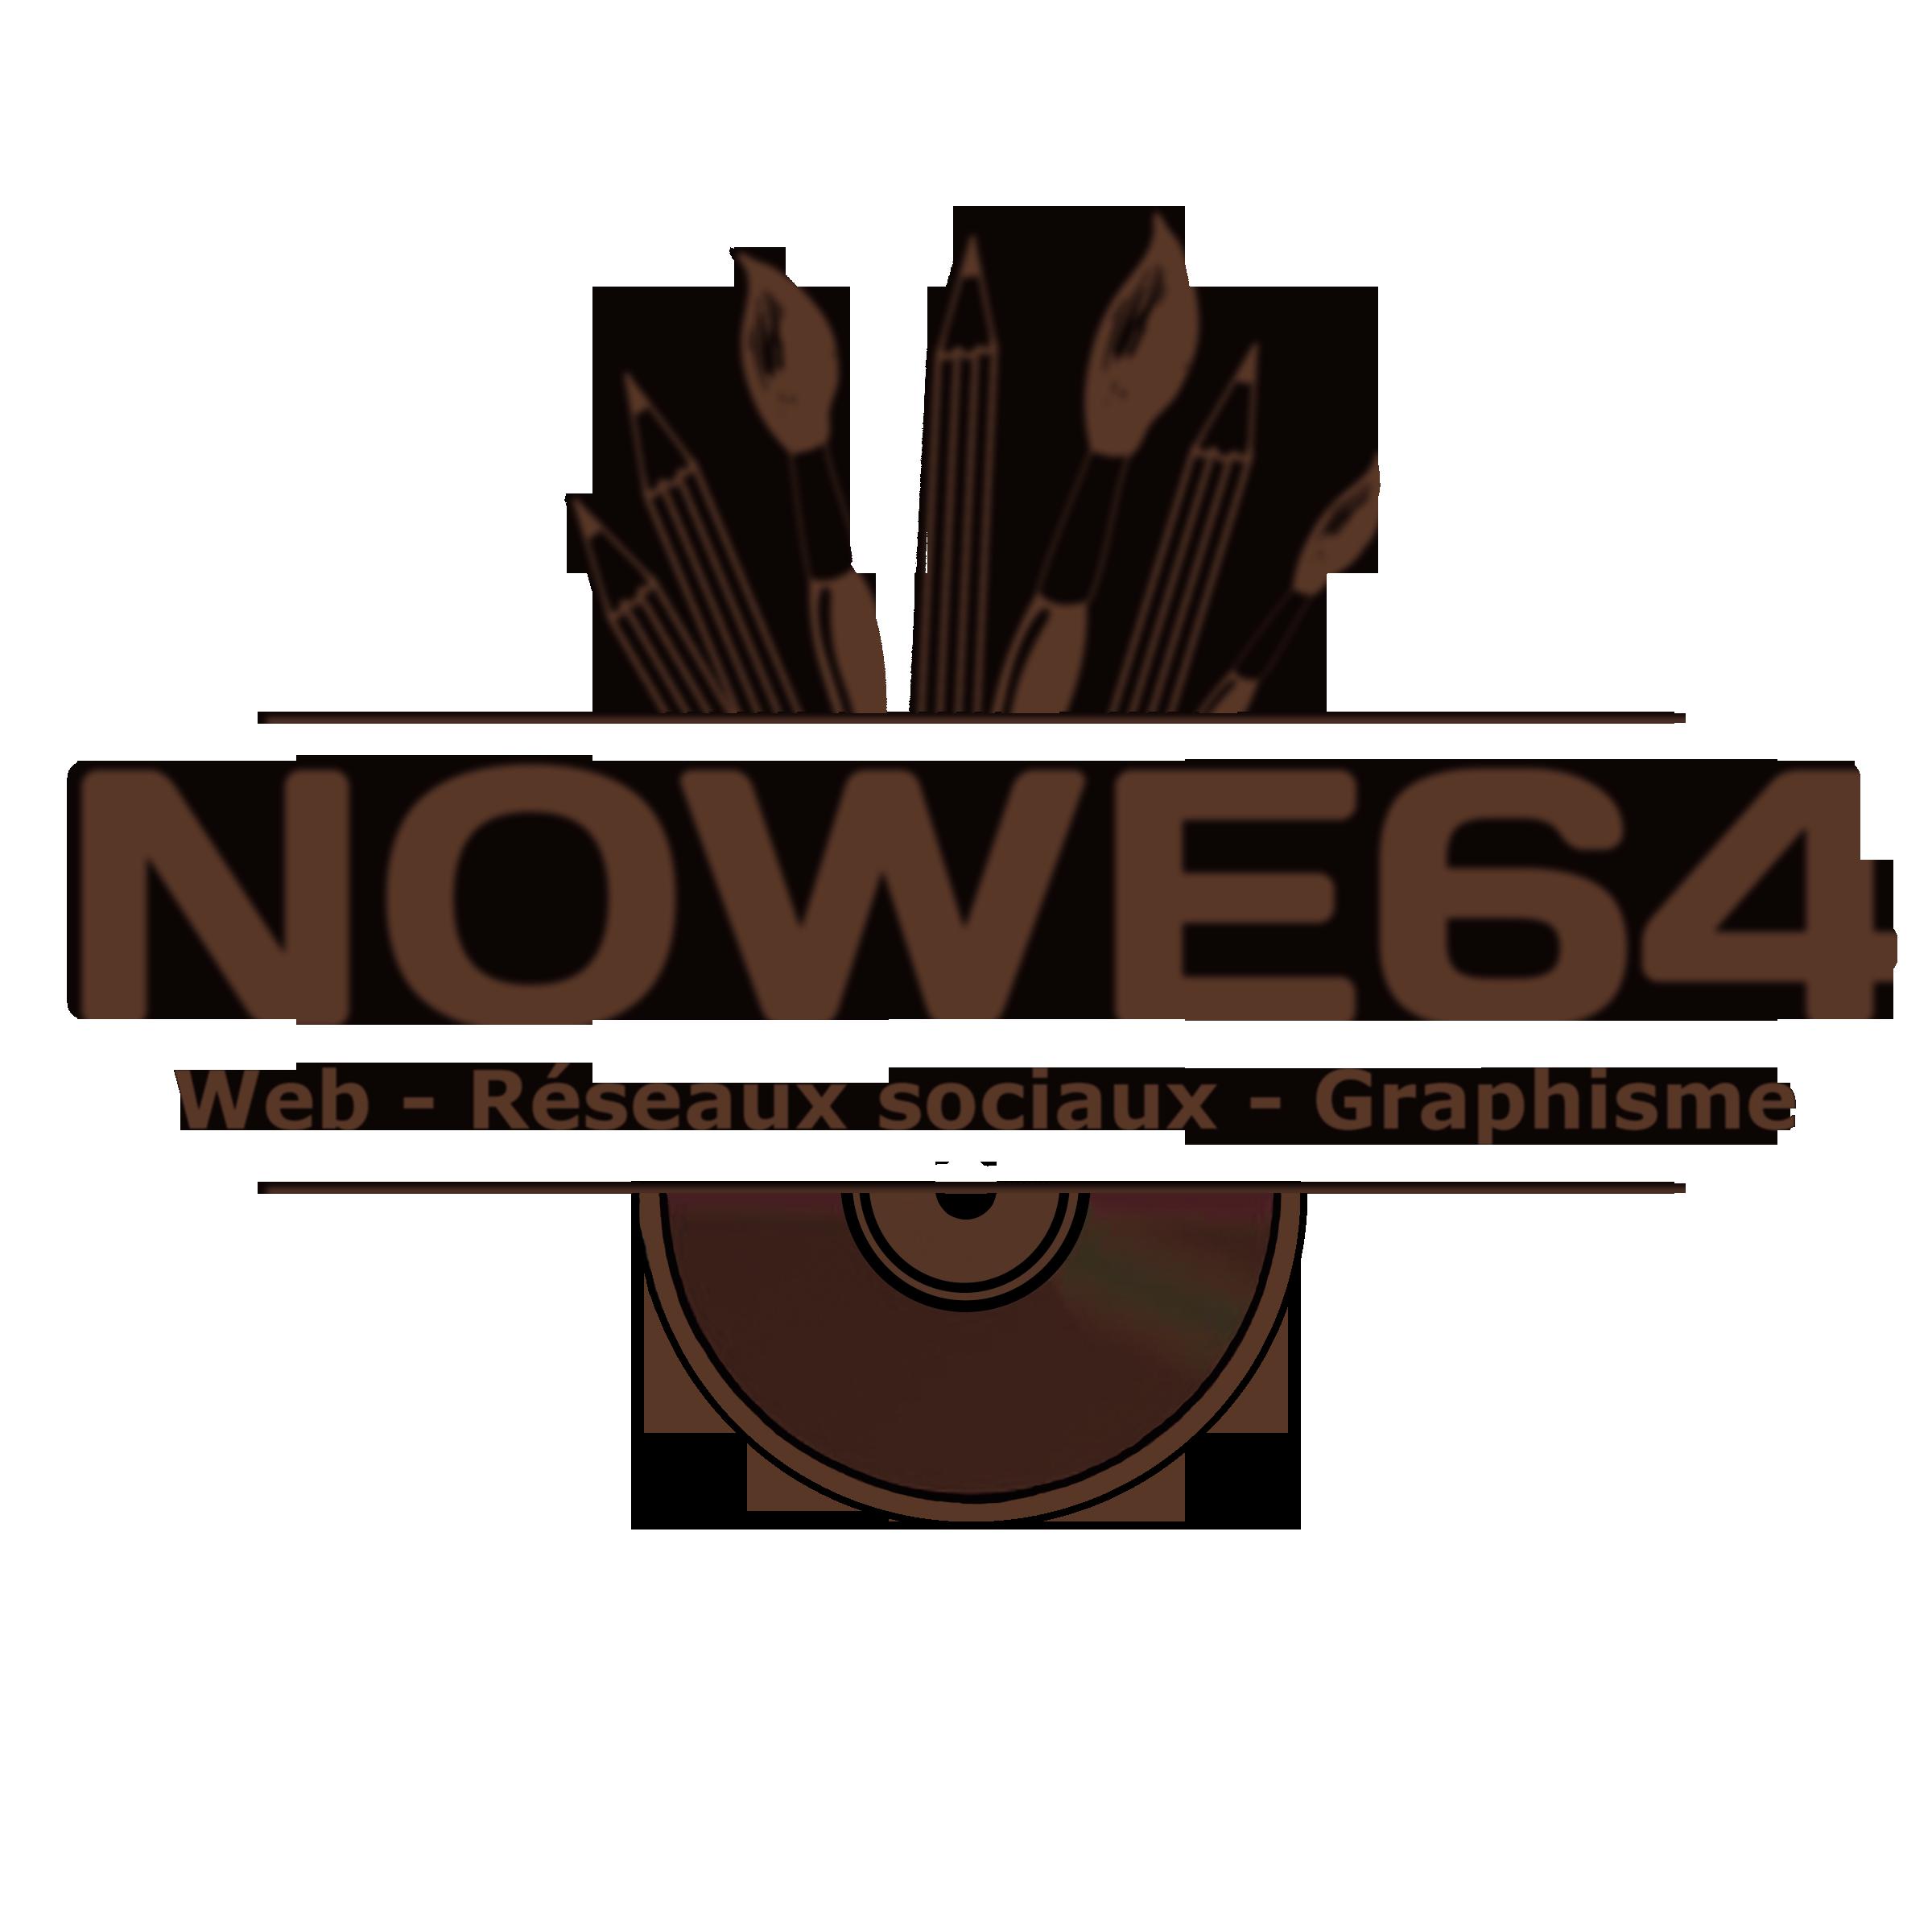 Nowe 64